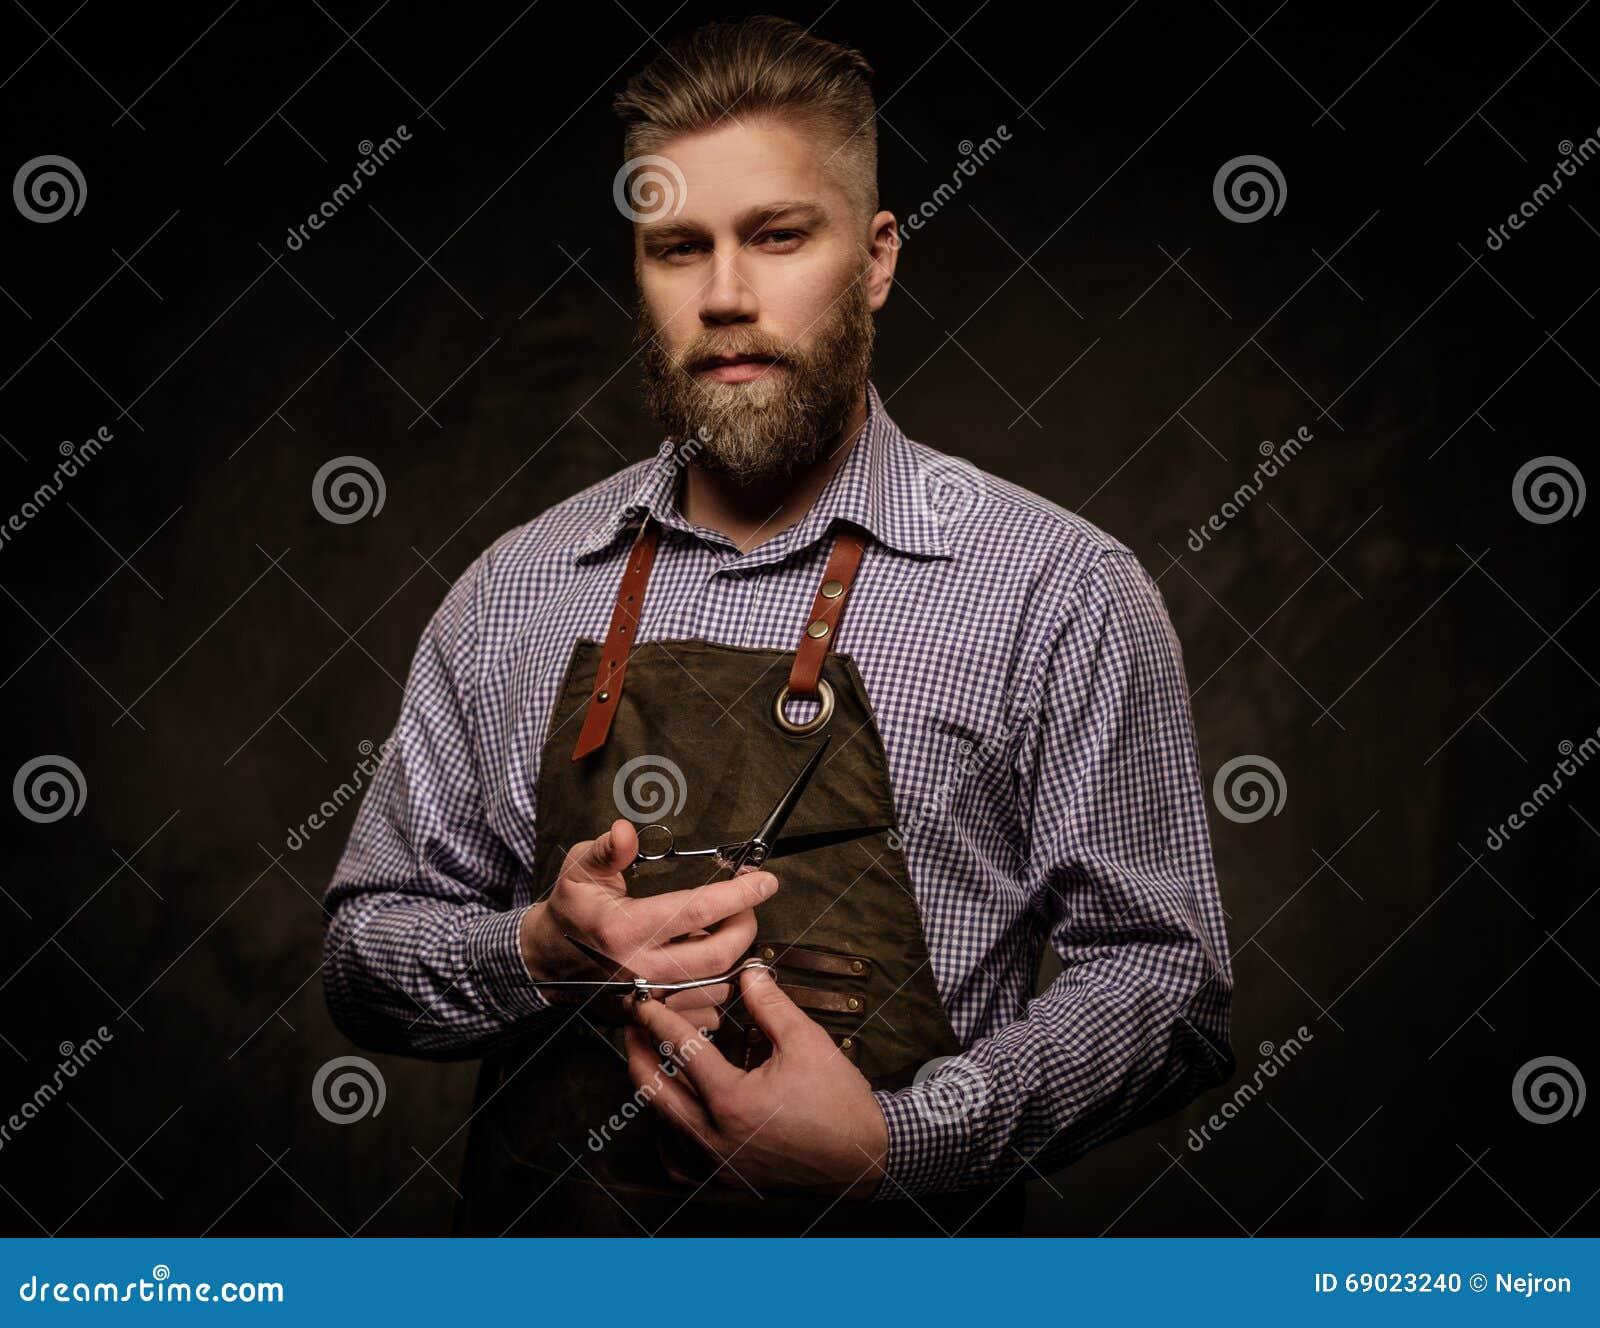 Retrato do barbeiro à moda com barba e de ferramentas profissionais em um fundo escuro